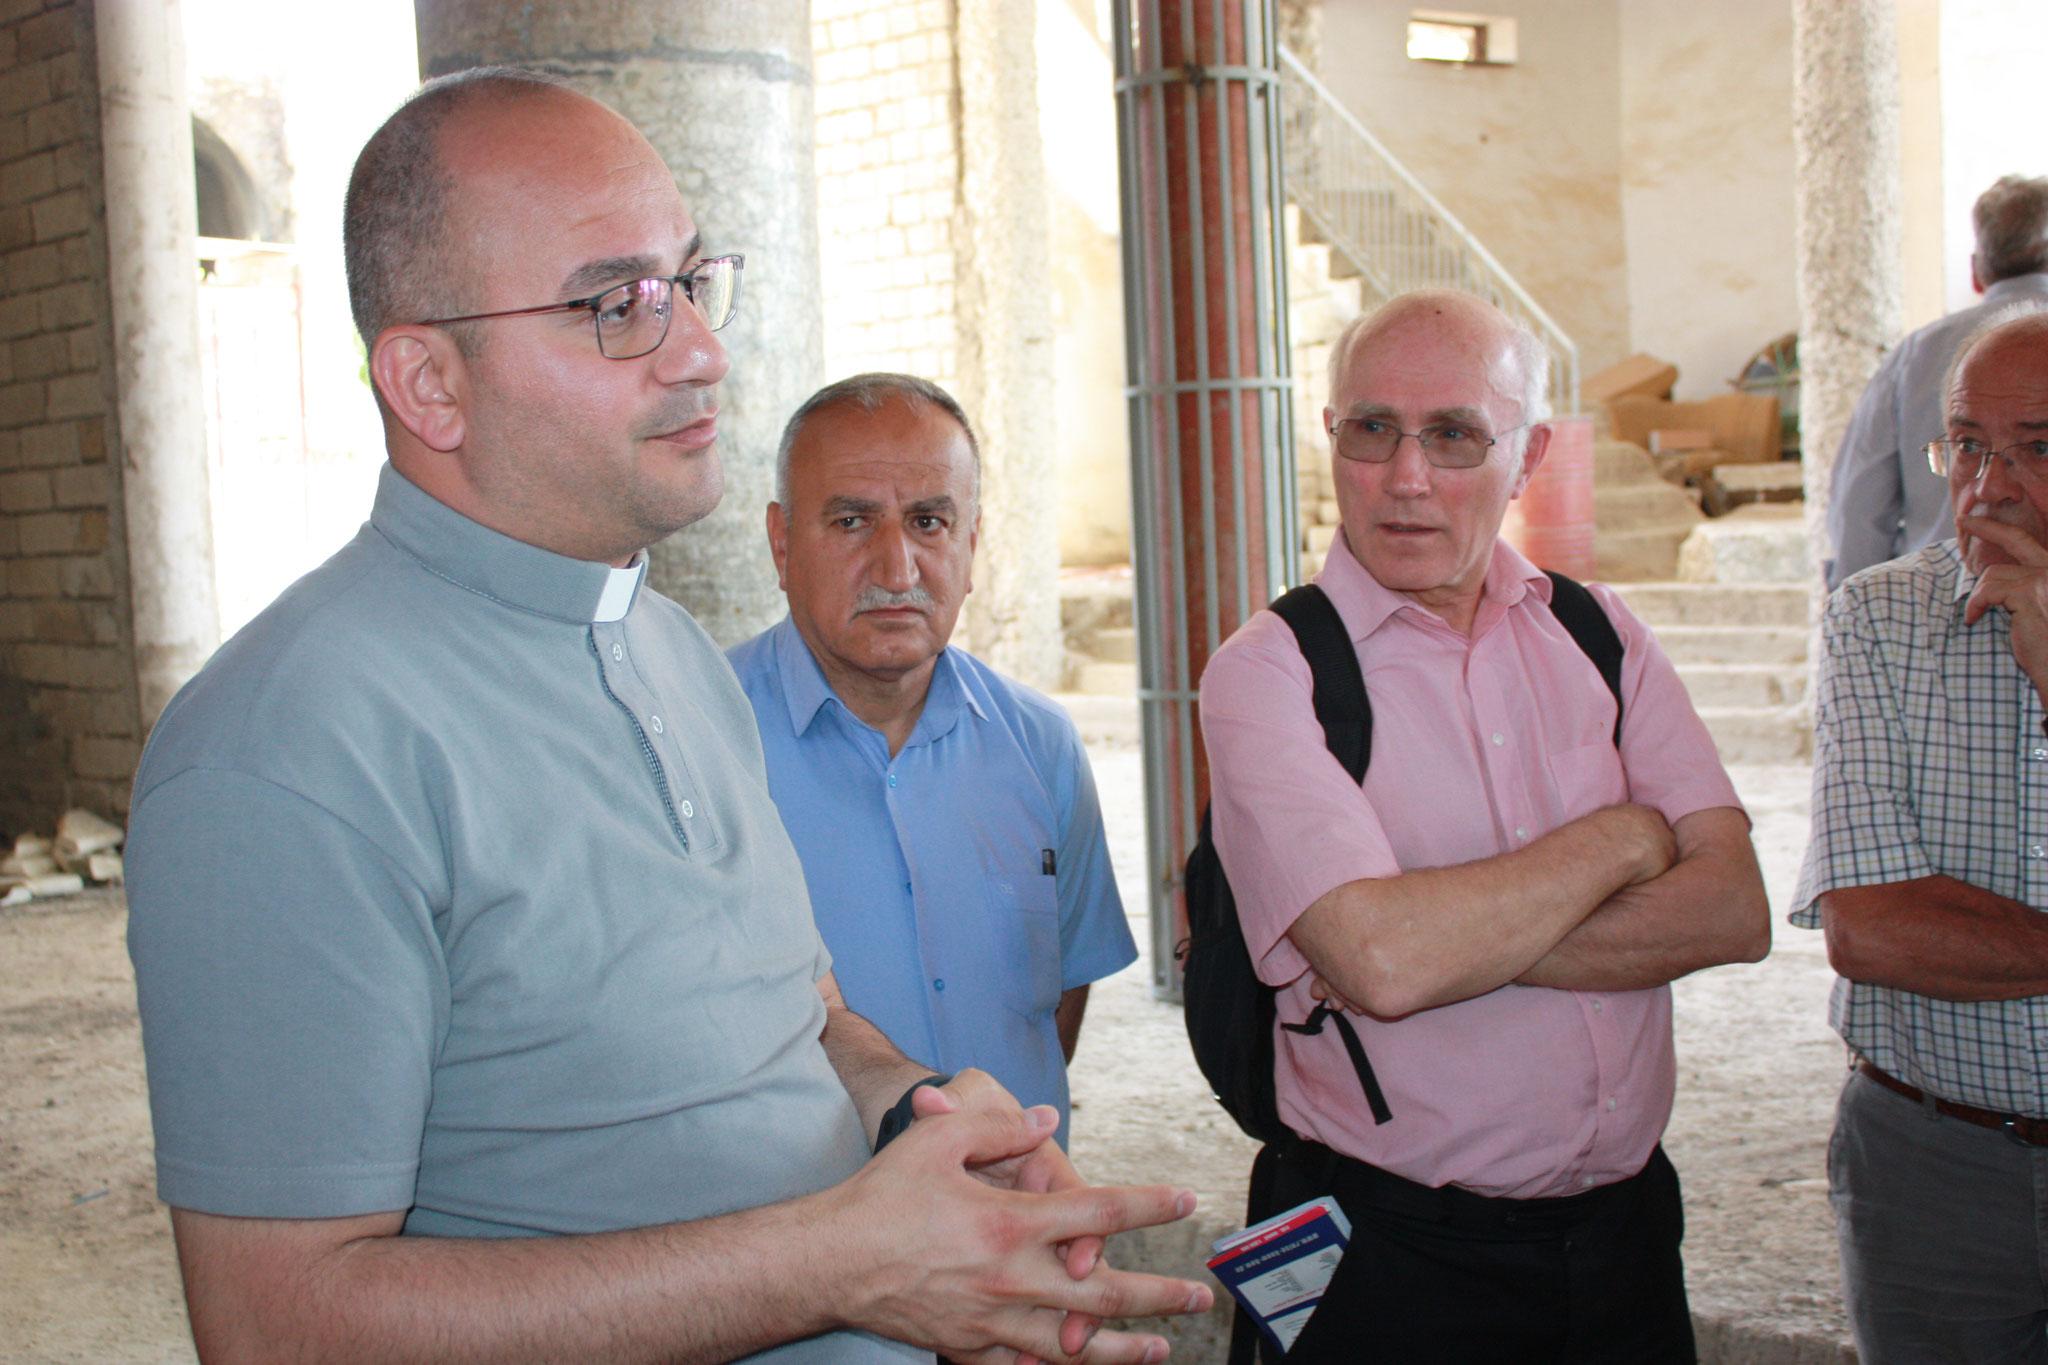 Pfarrer Salar, der chaldäische Priester von Teleskof, erläutert der ICO-Delegation Details zum Wiederaufbau der vom IS zerstörten Jakobskirche